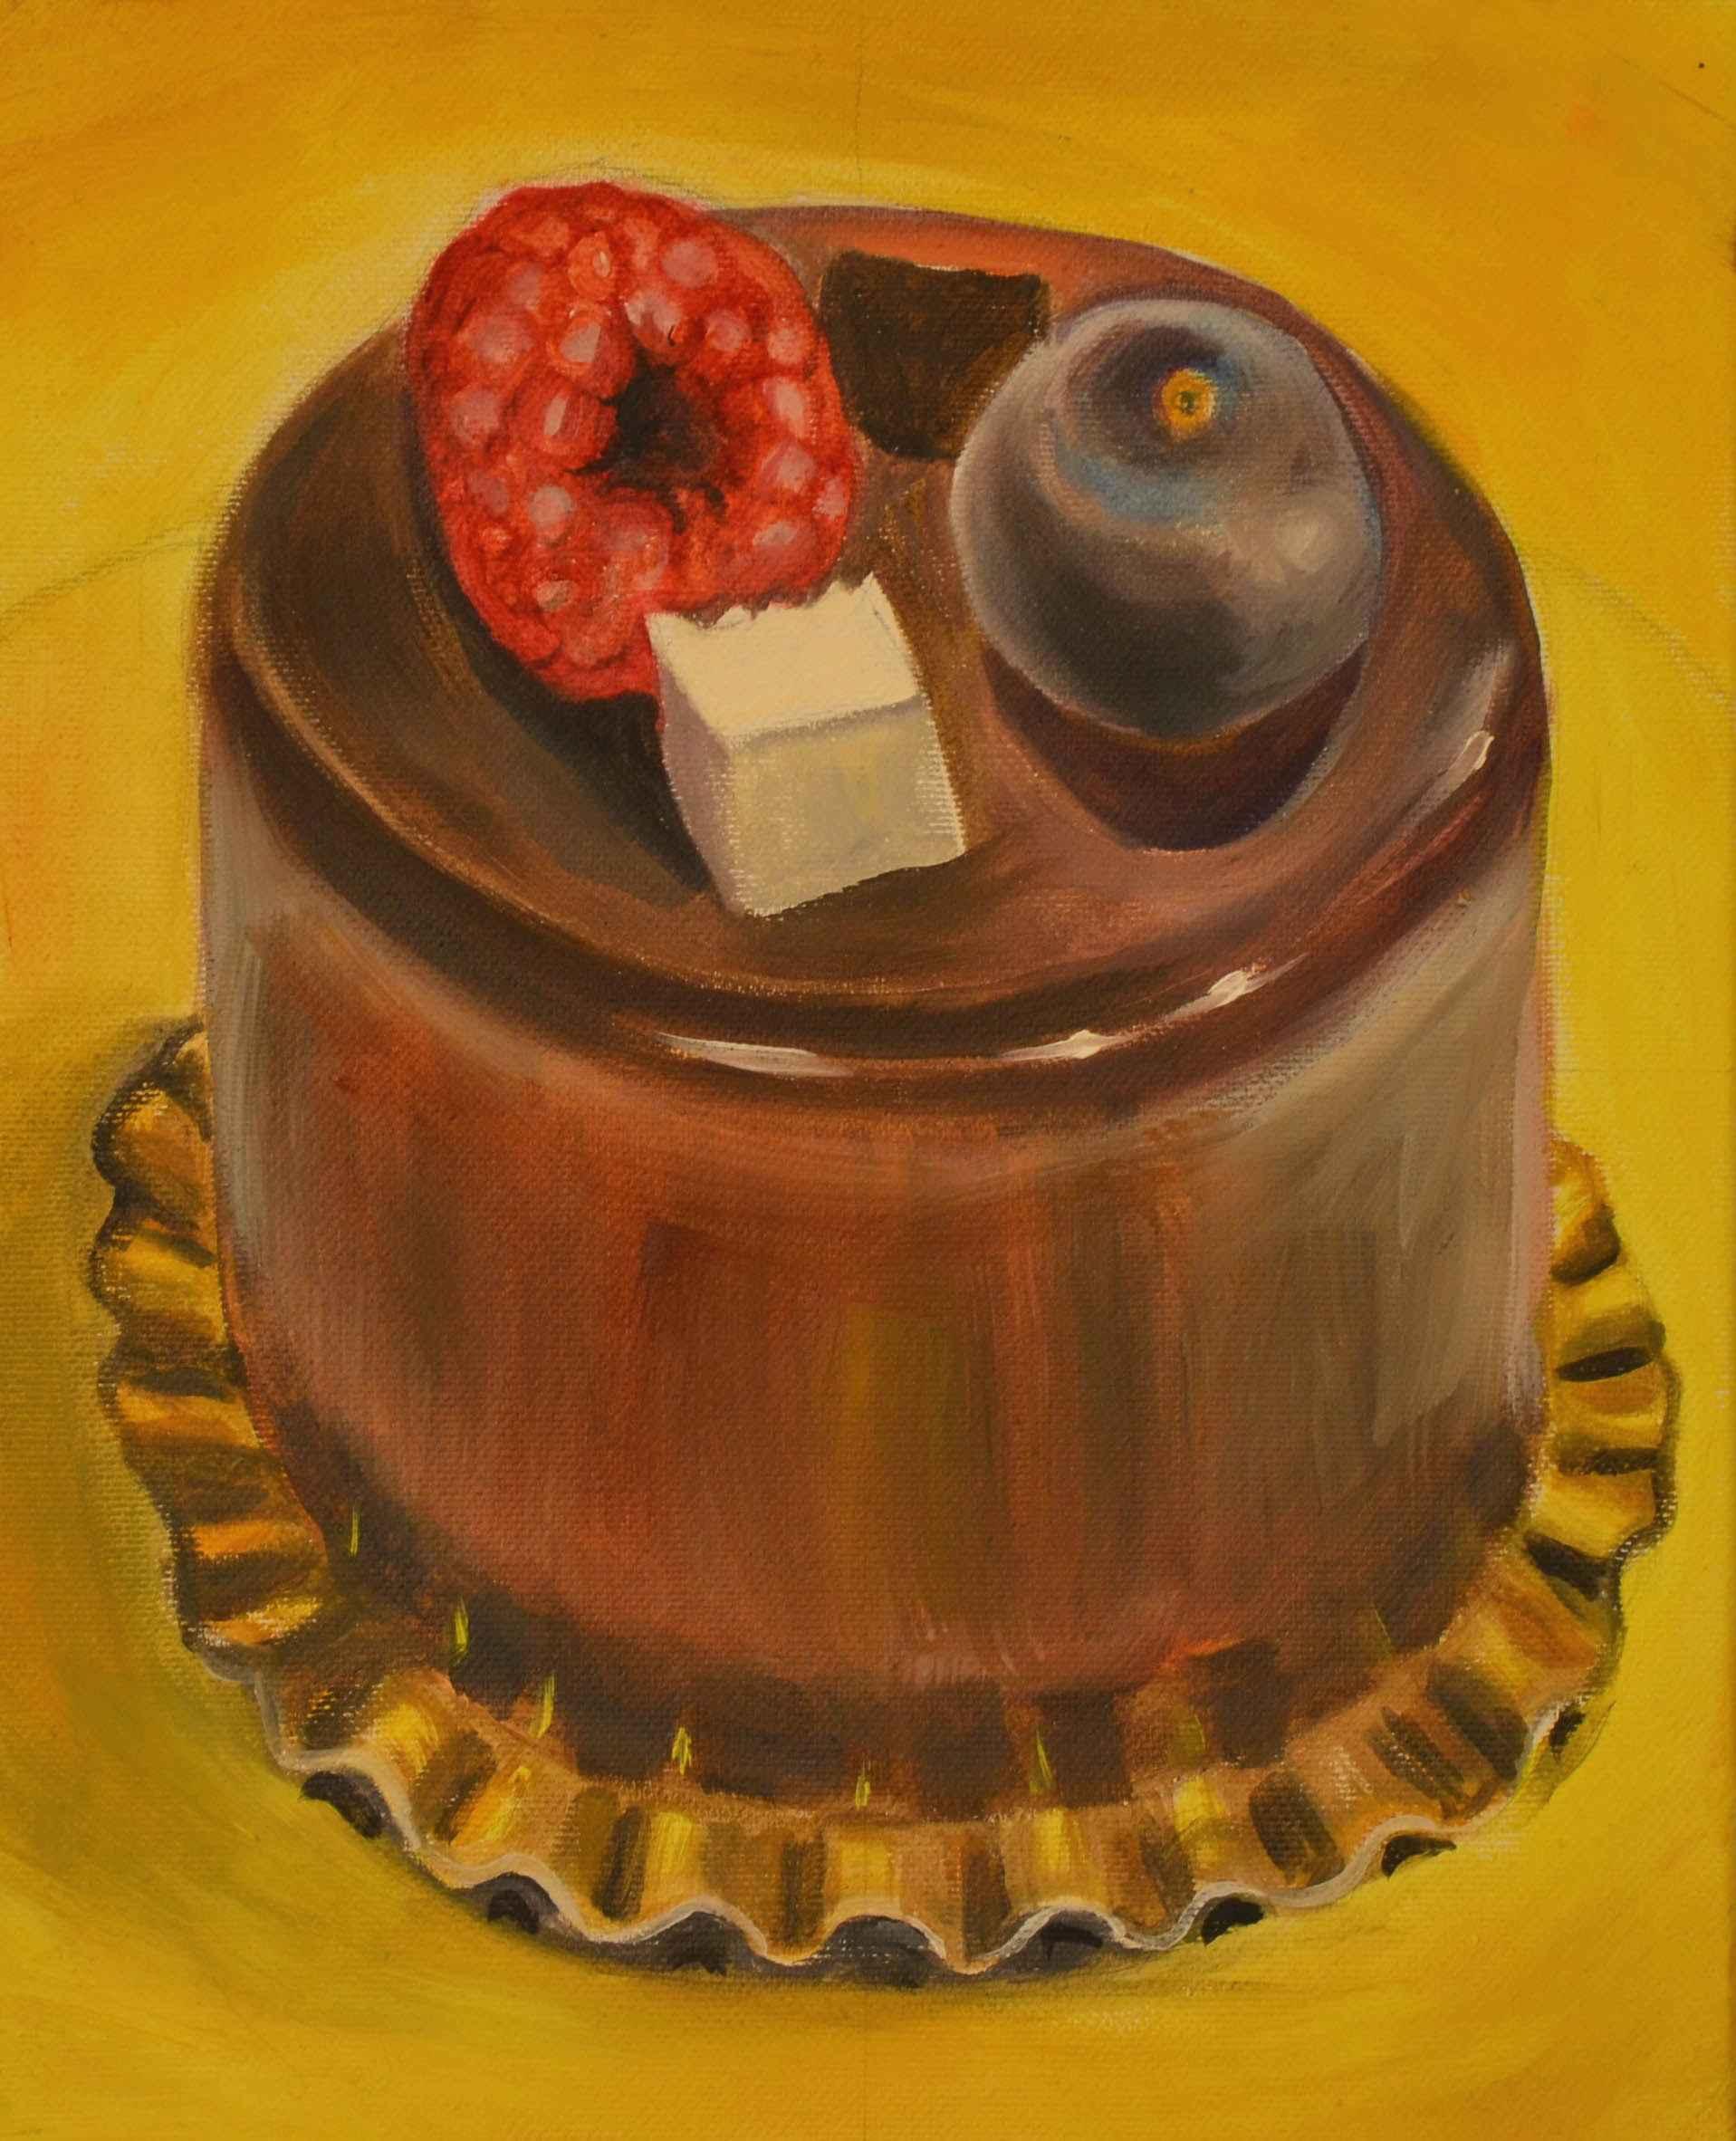 Mousse aux Chocolat by Ms. Rebecca Vincenzi - Masterpiece Online